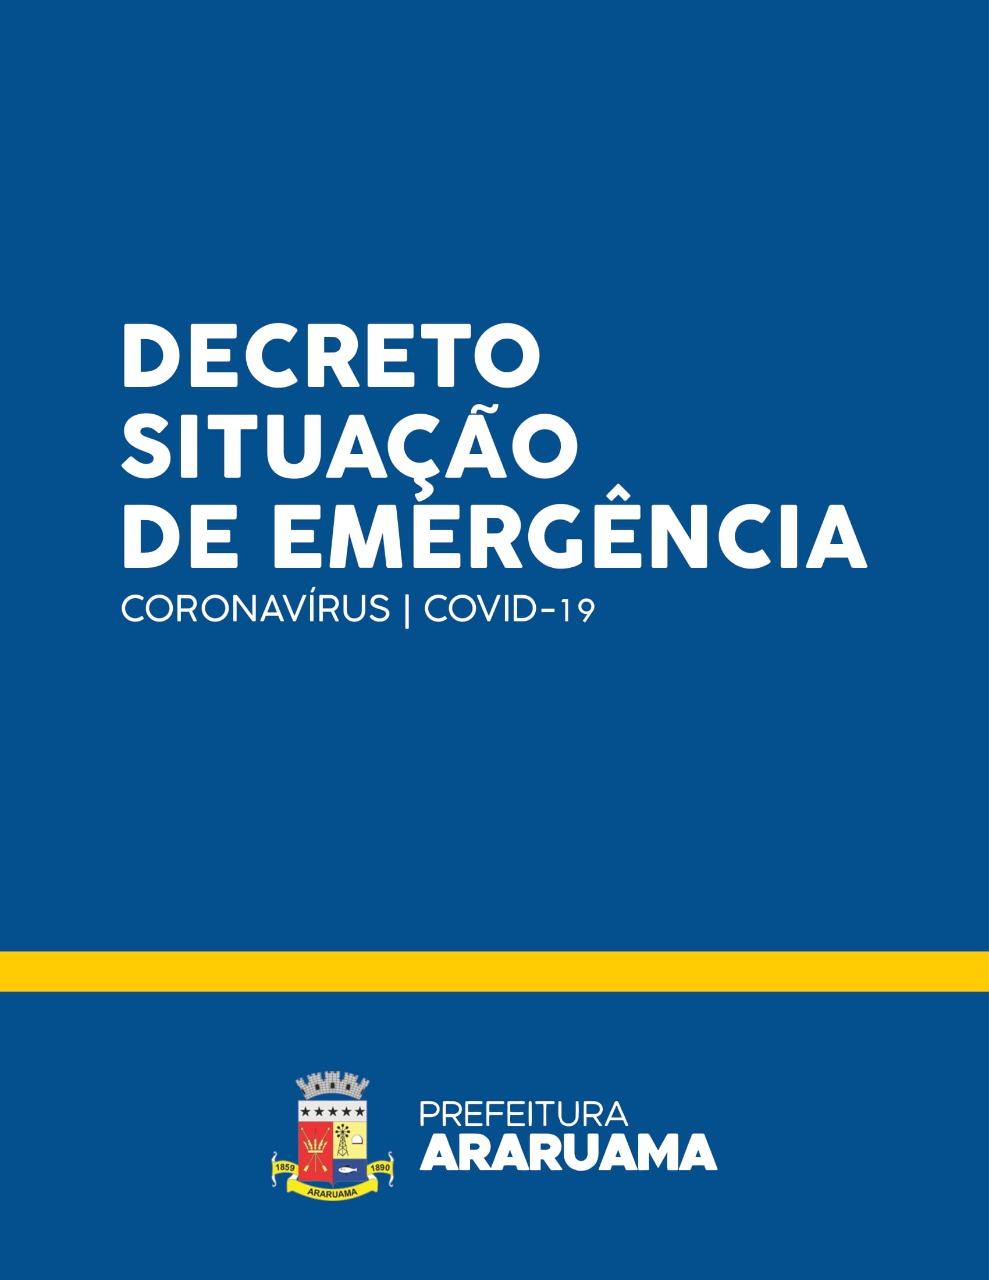 Prefeitura de Araruama decreta Situação de Emergência no Município